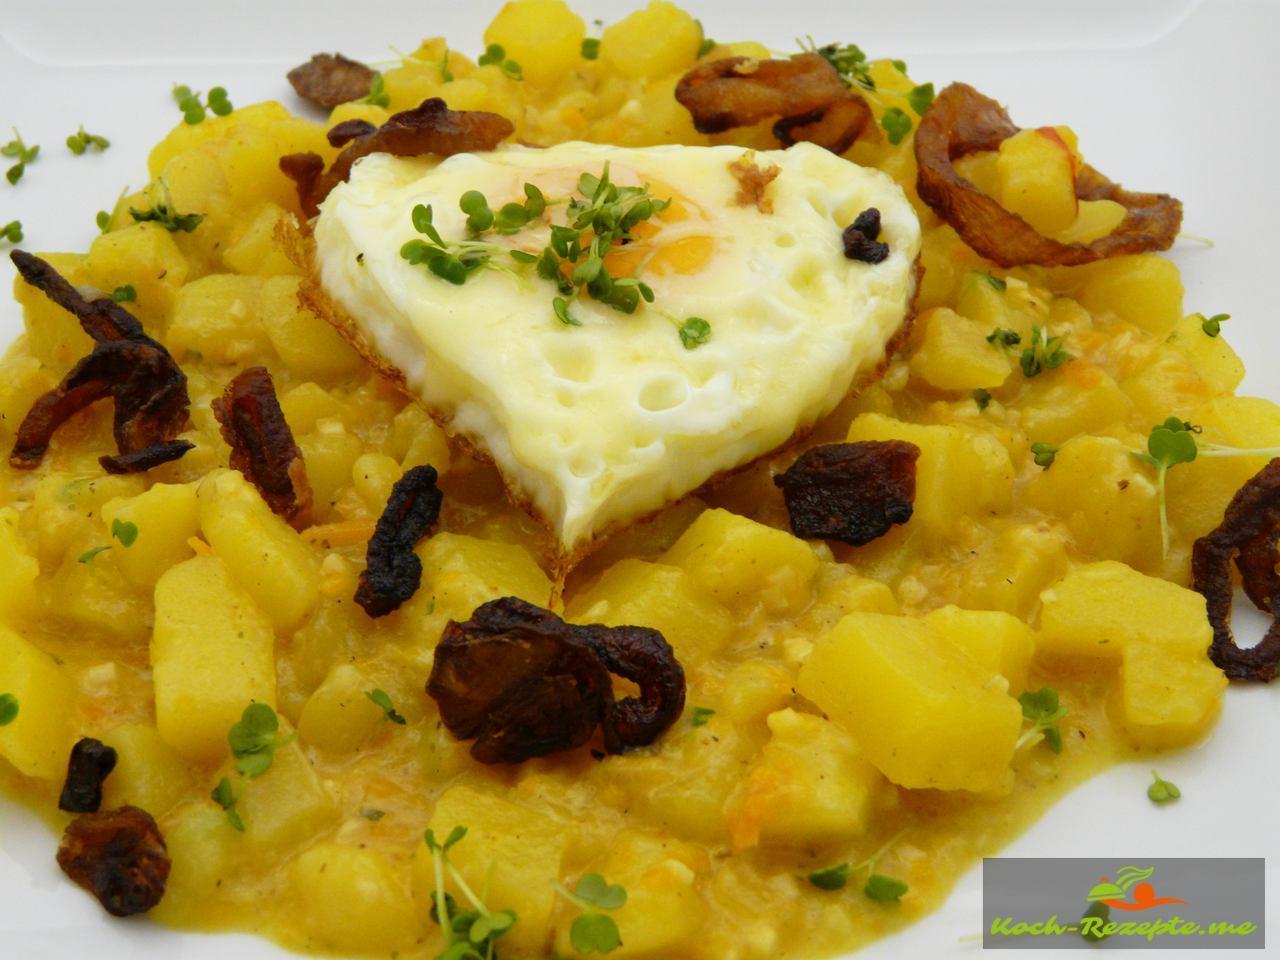 Kartoffelrisotto Rezept mit Safranfäden und Räucher-Knoblauch